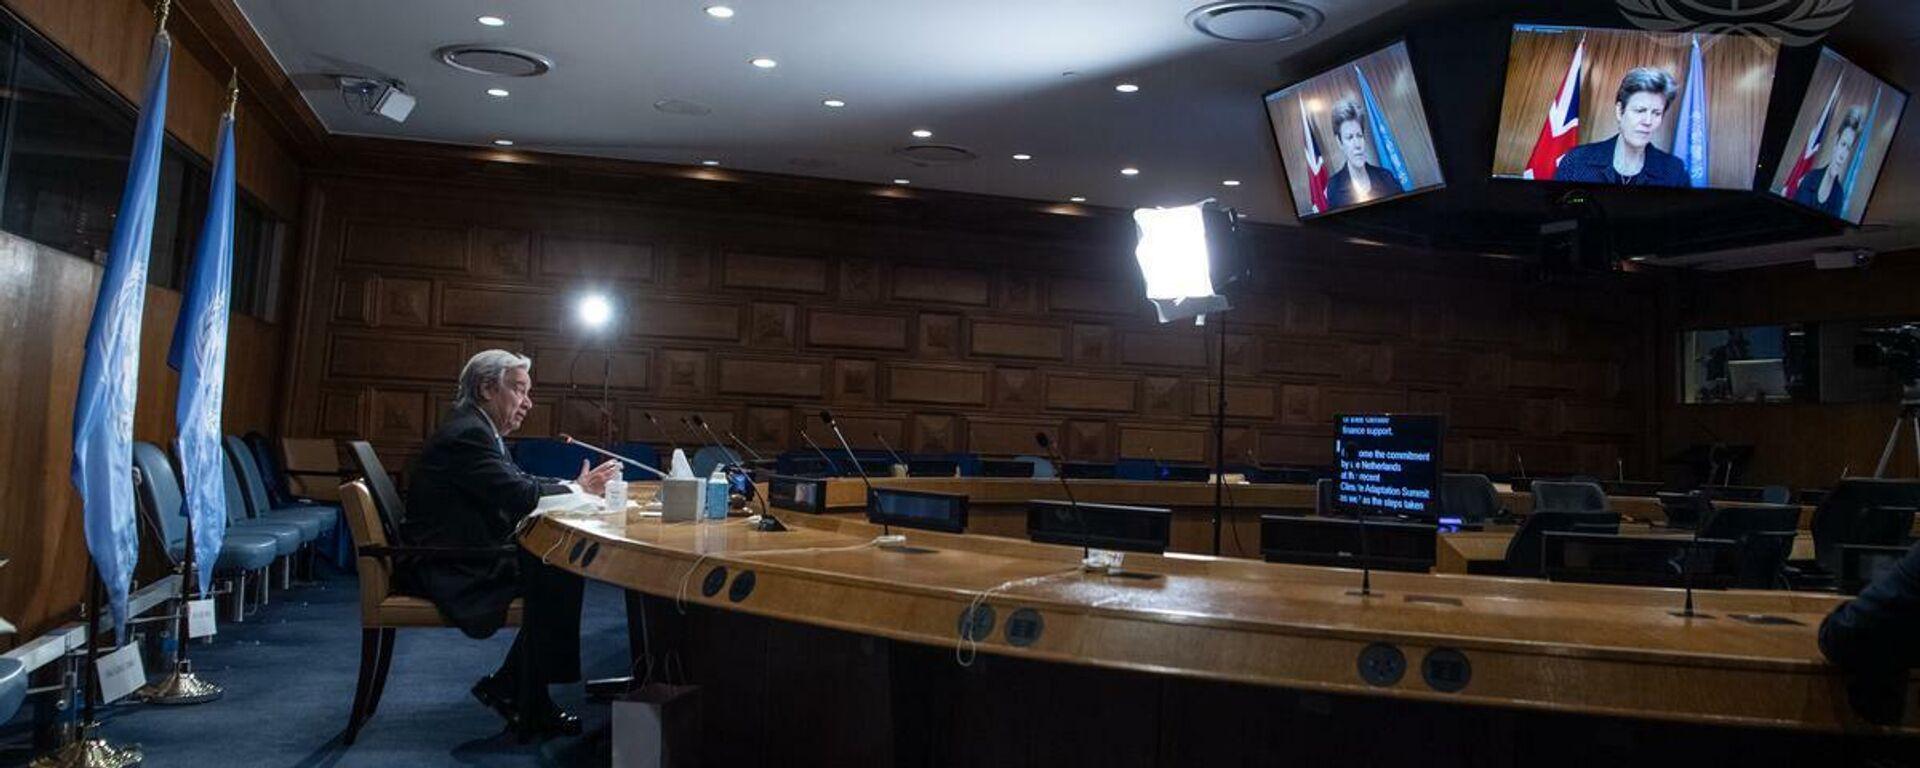 Generalsekretär António Guterres (links) bei einem virtuellen Briefing, über die Vorbereitungen der COP26 in Glasgow - SNA, 1920, 30.07.2021